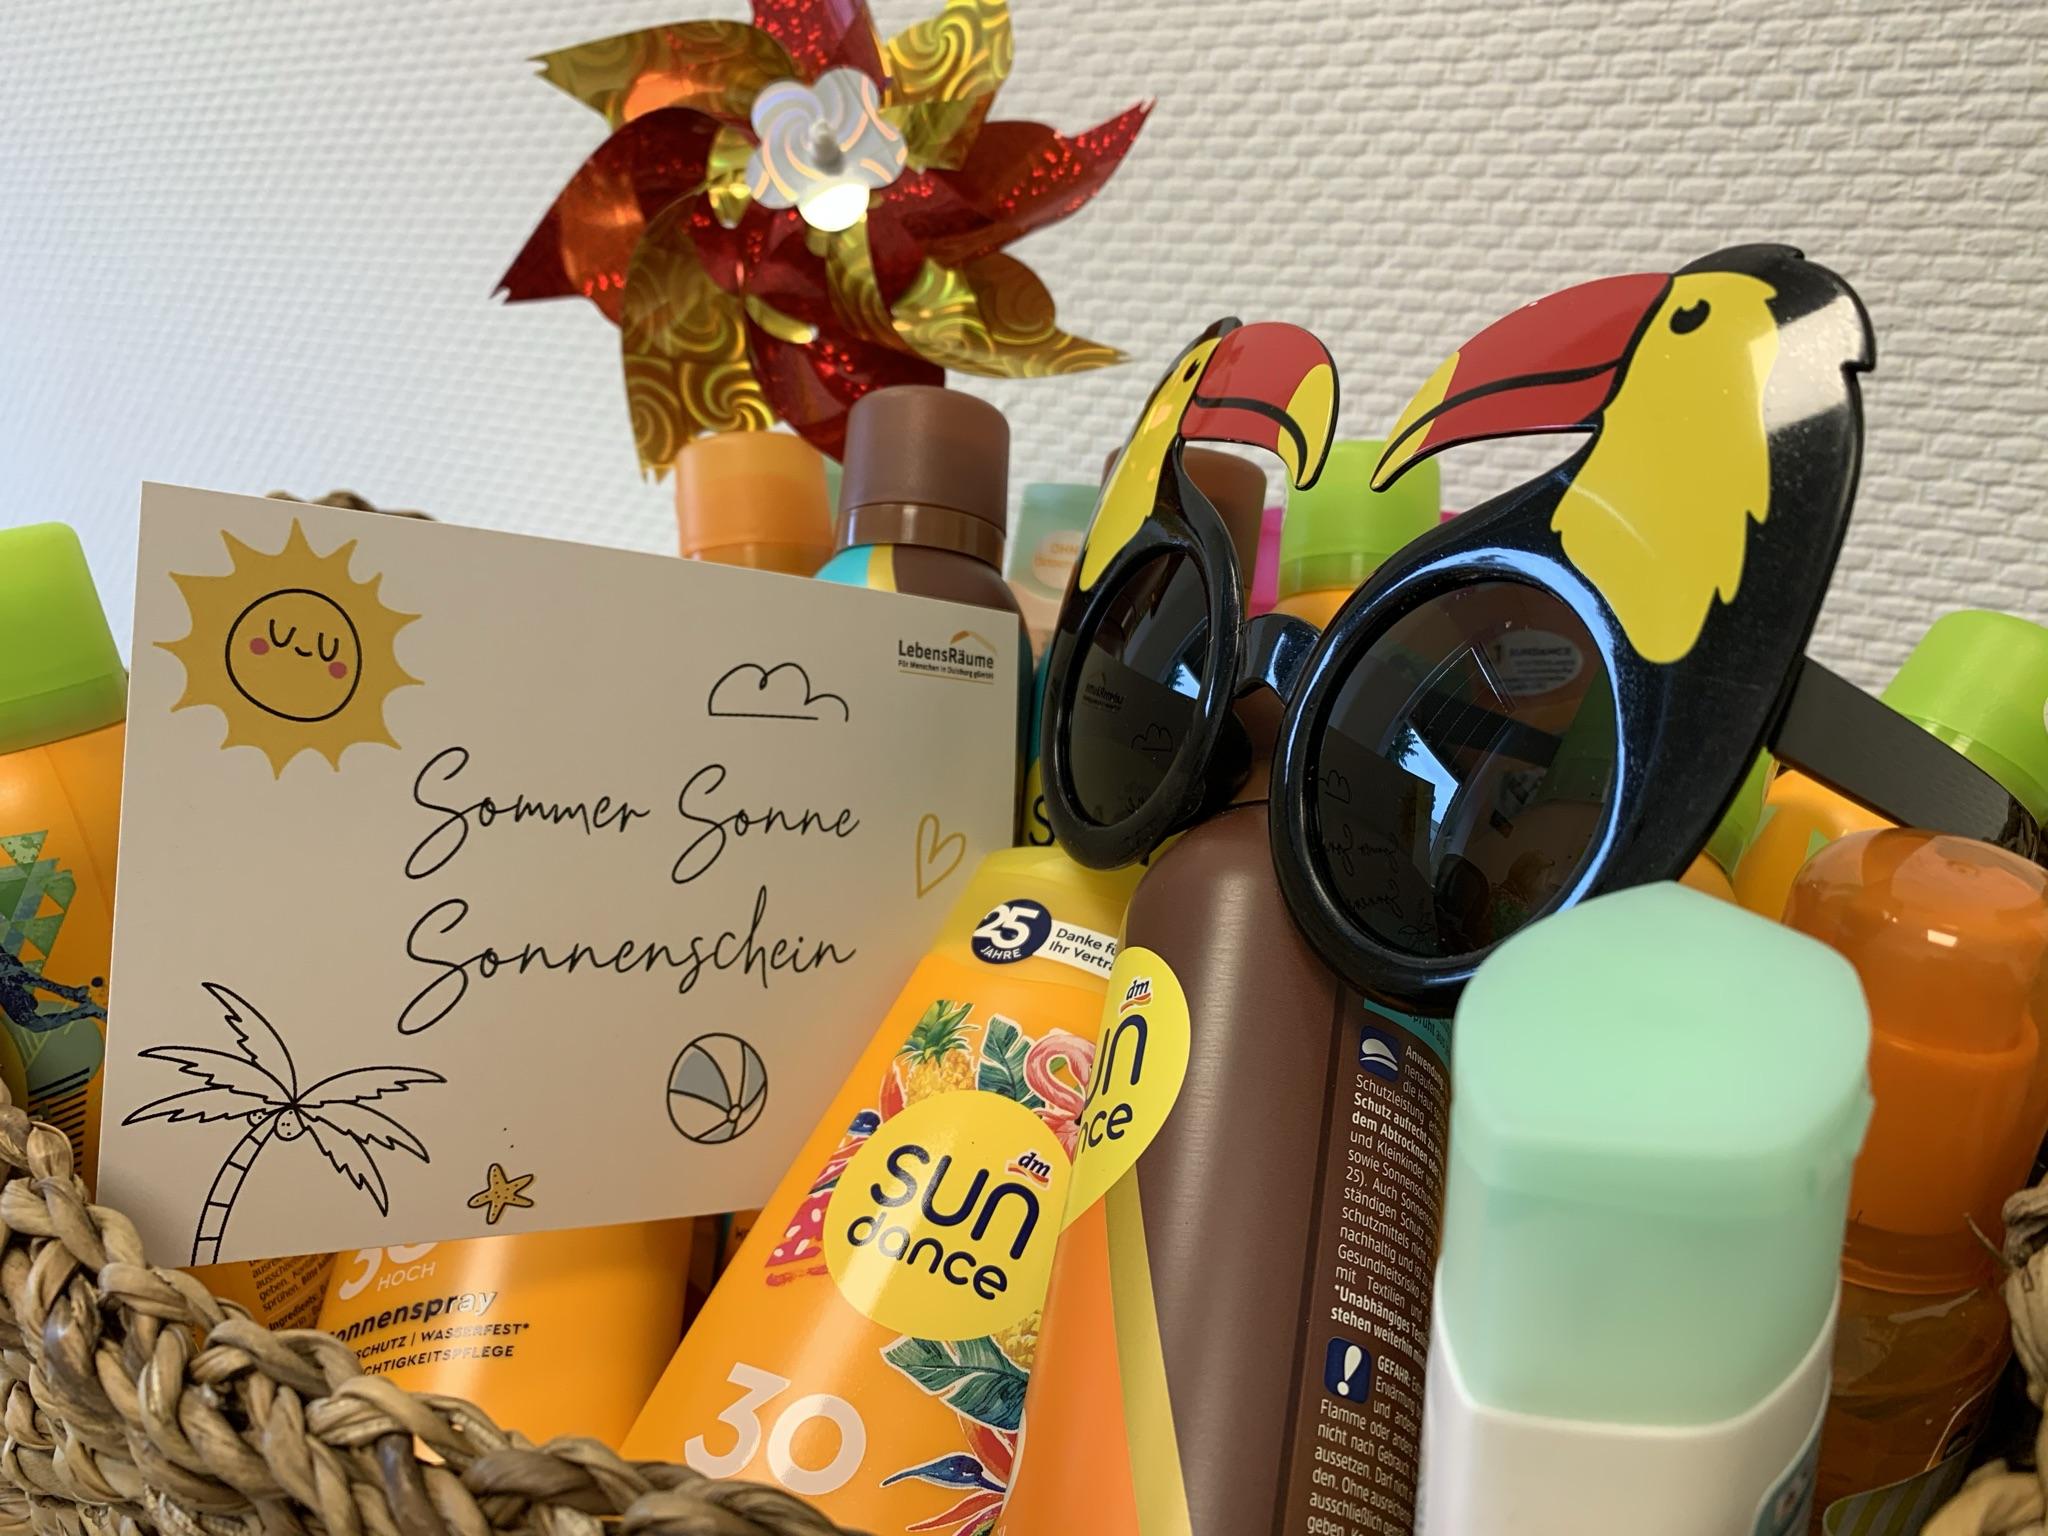 """Aufnahme eines Korbs, der gefüllt ist mit Sonnencreme und einer Sonnenbrille. Ebenfalls ist eine Karte zu sehen auf der """"Sommer Sonne Sonnenschein"""" geschrieben steht."""